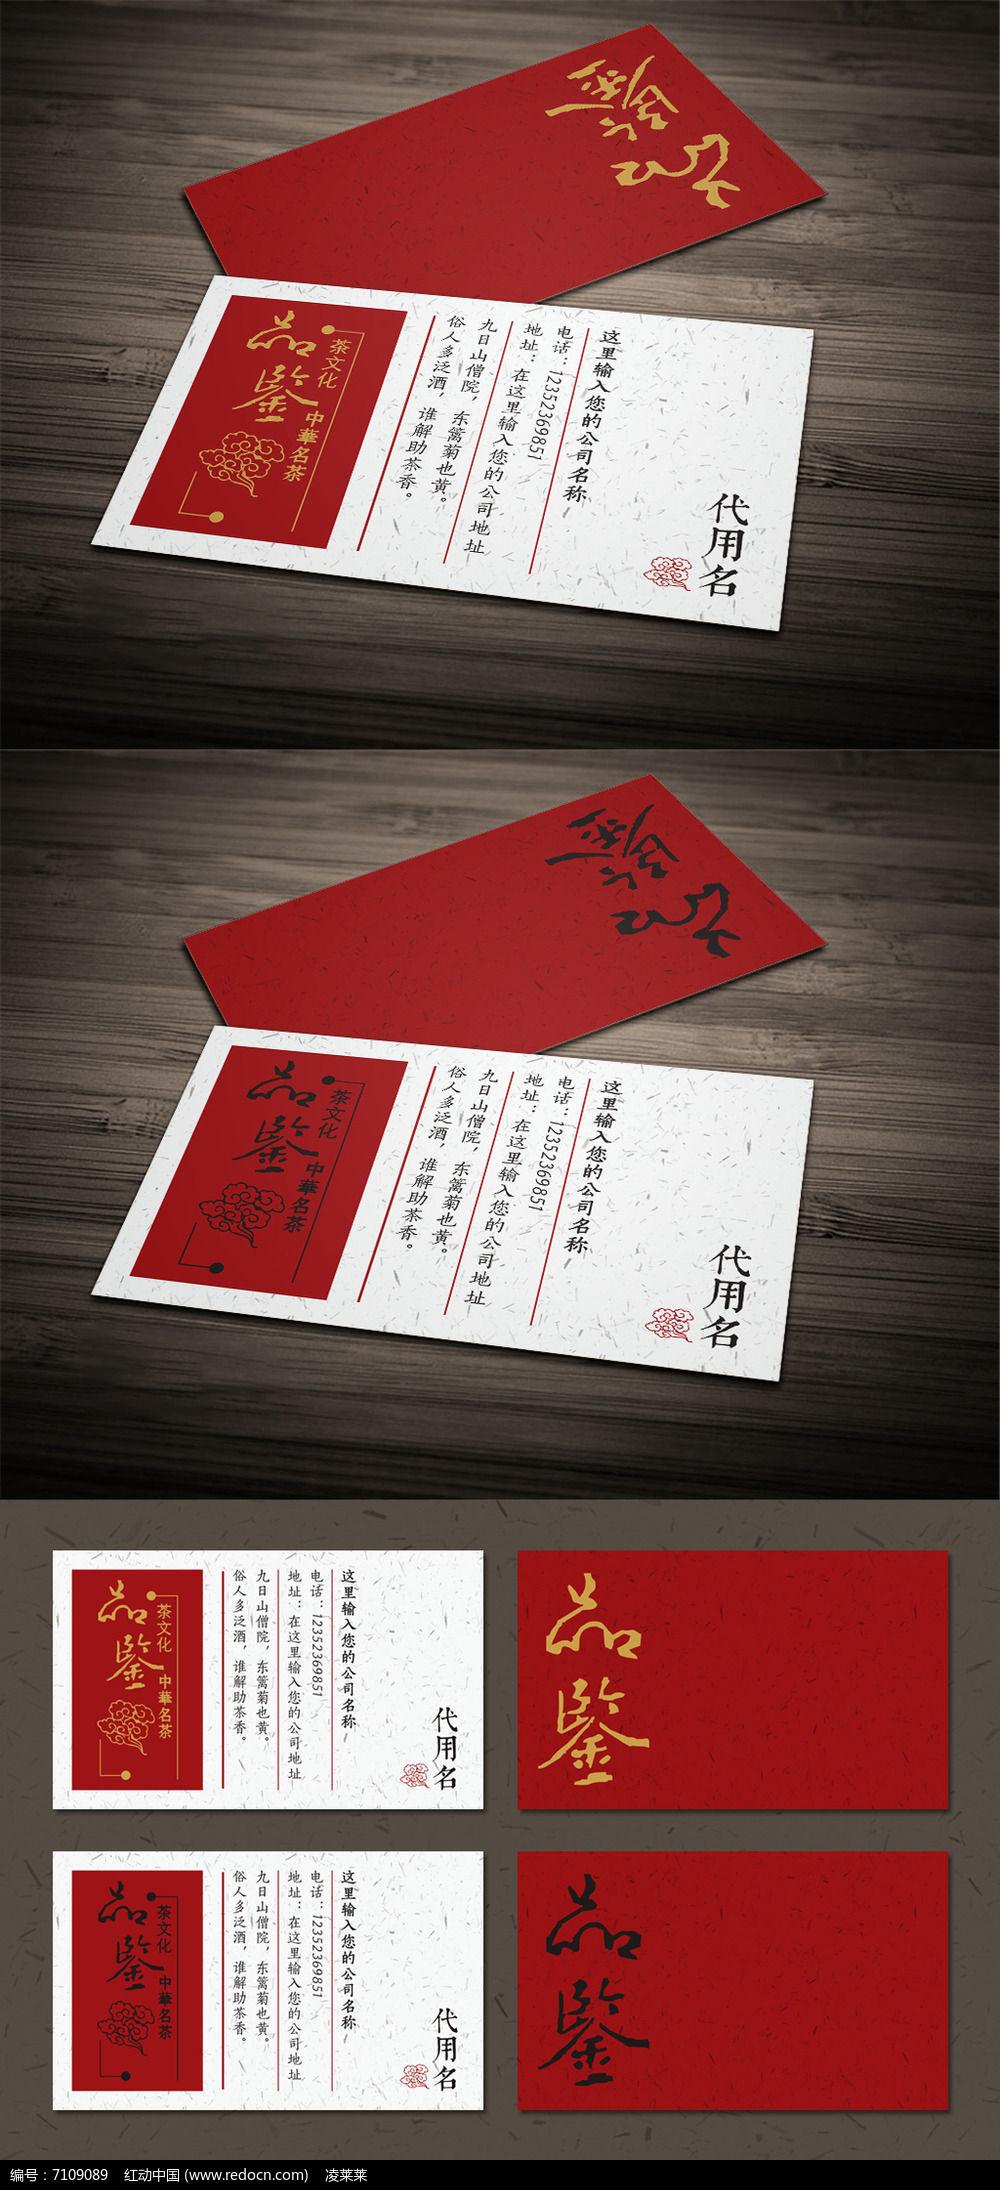 简约大气红色特种纸茶文化名片设计图片